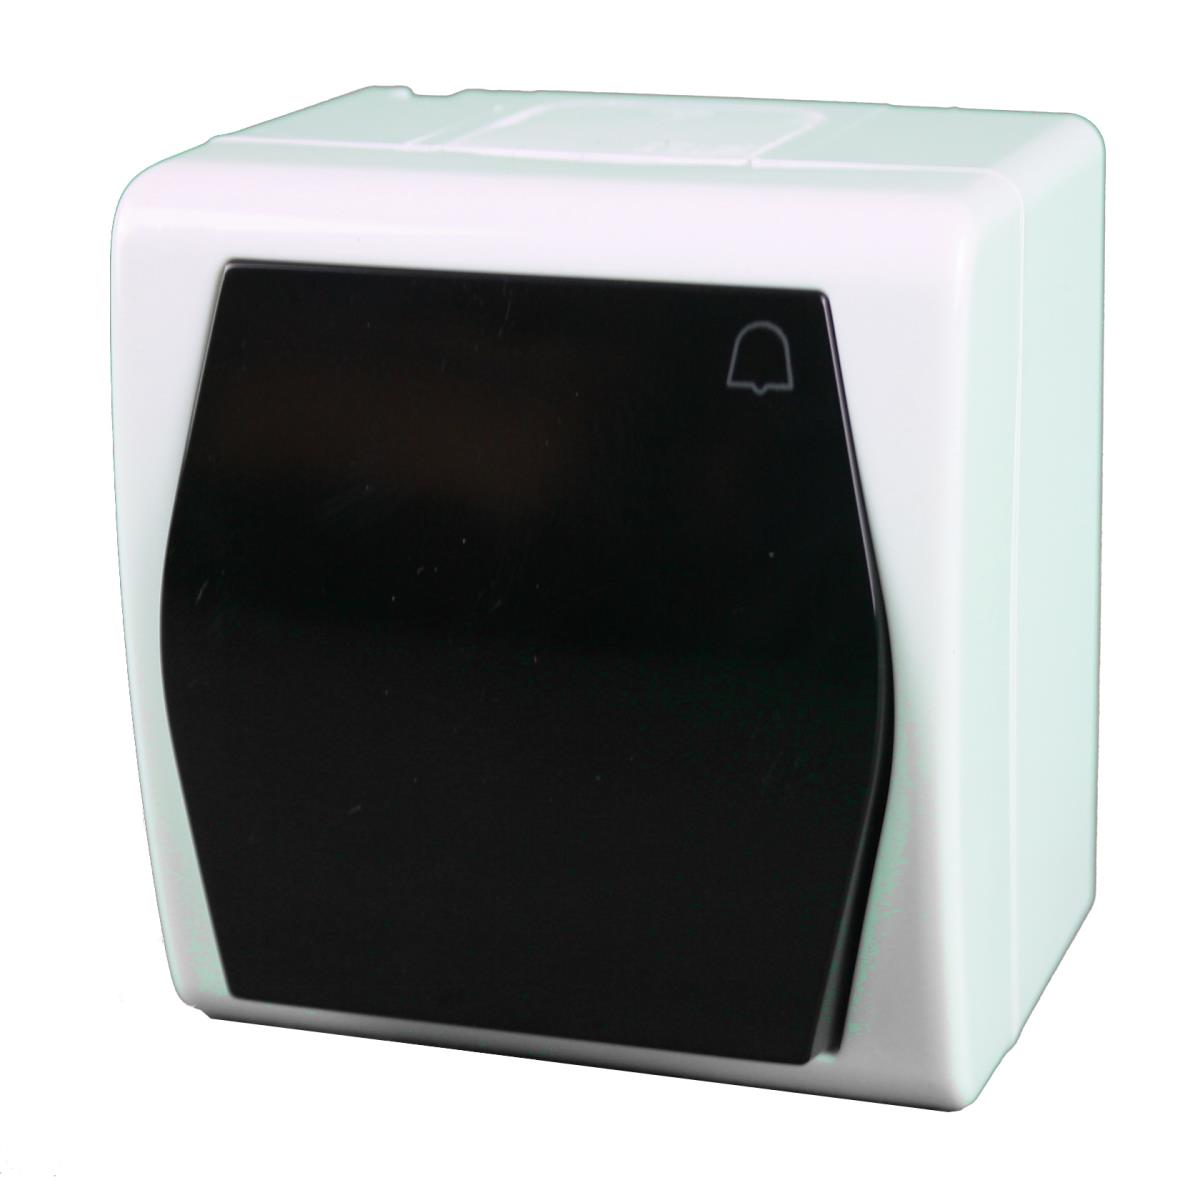 Aufputz Serienschalter IP20 Lichtschalter farbe weiß serie OKKO